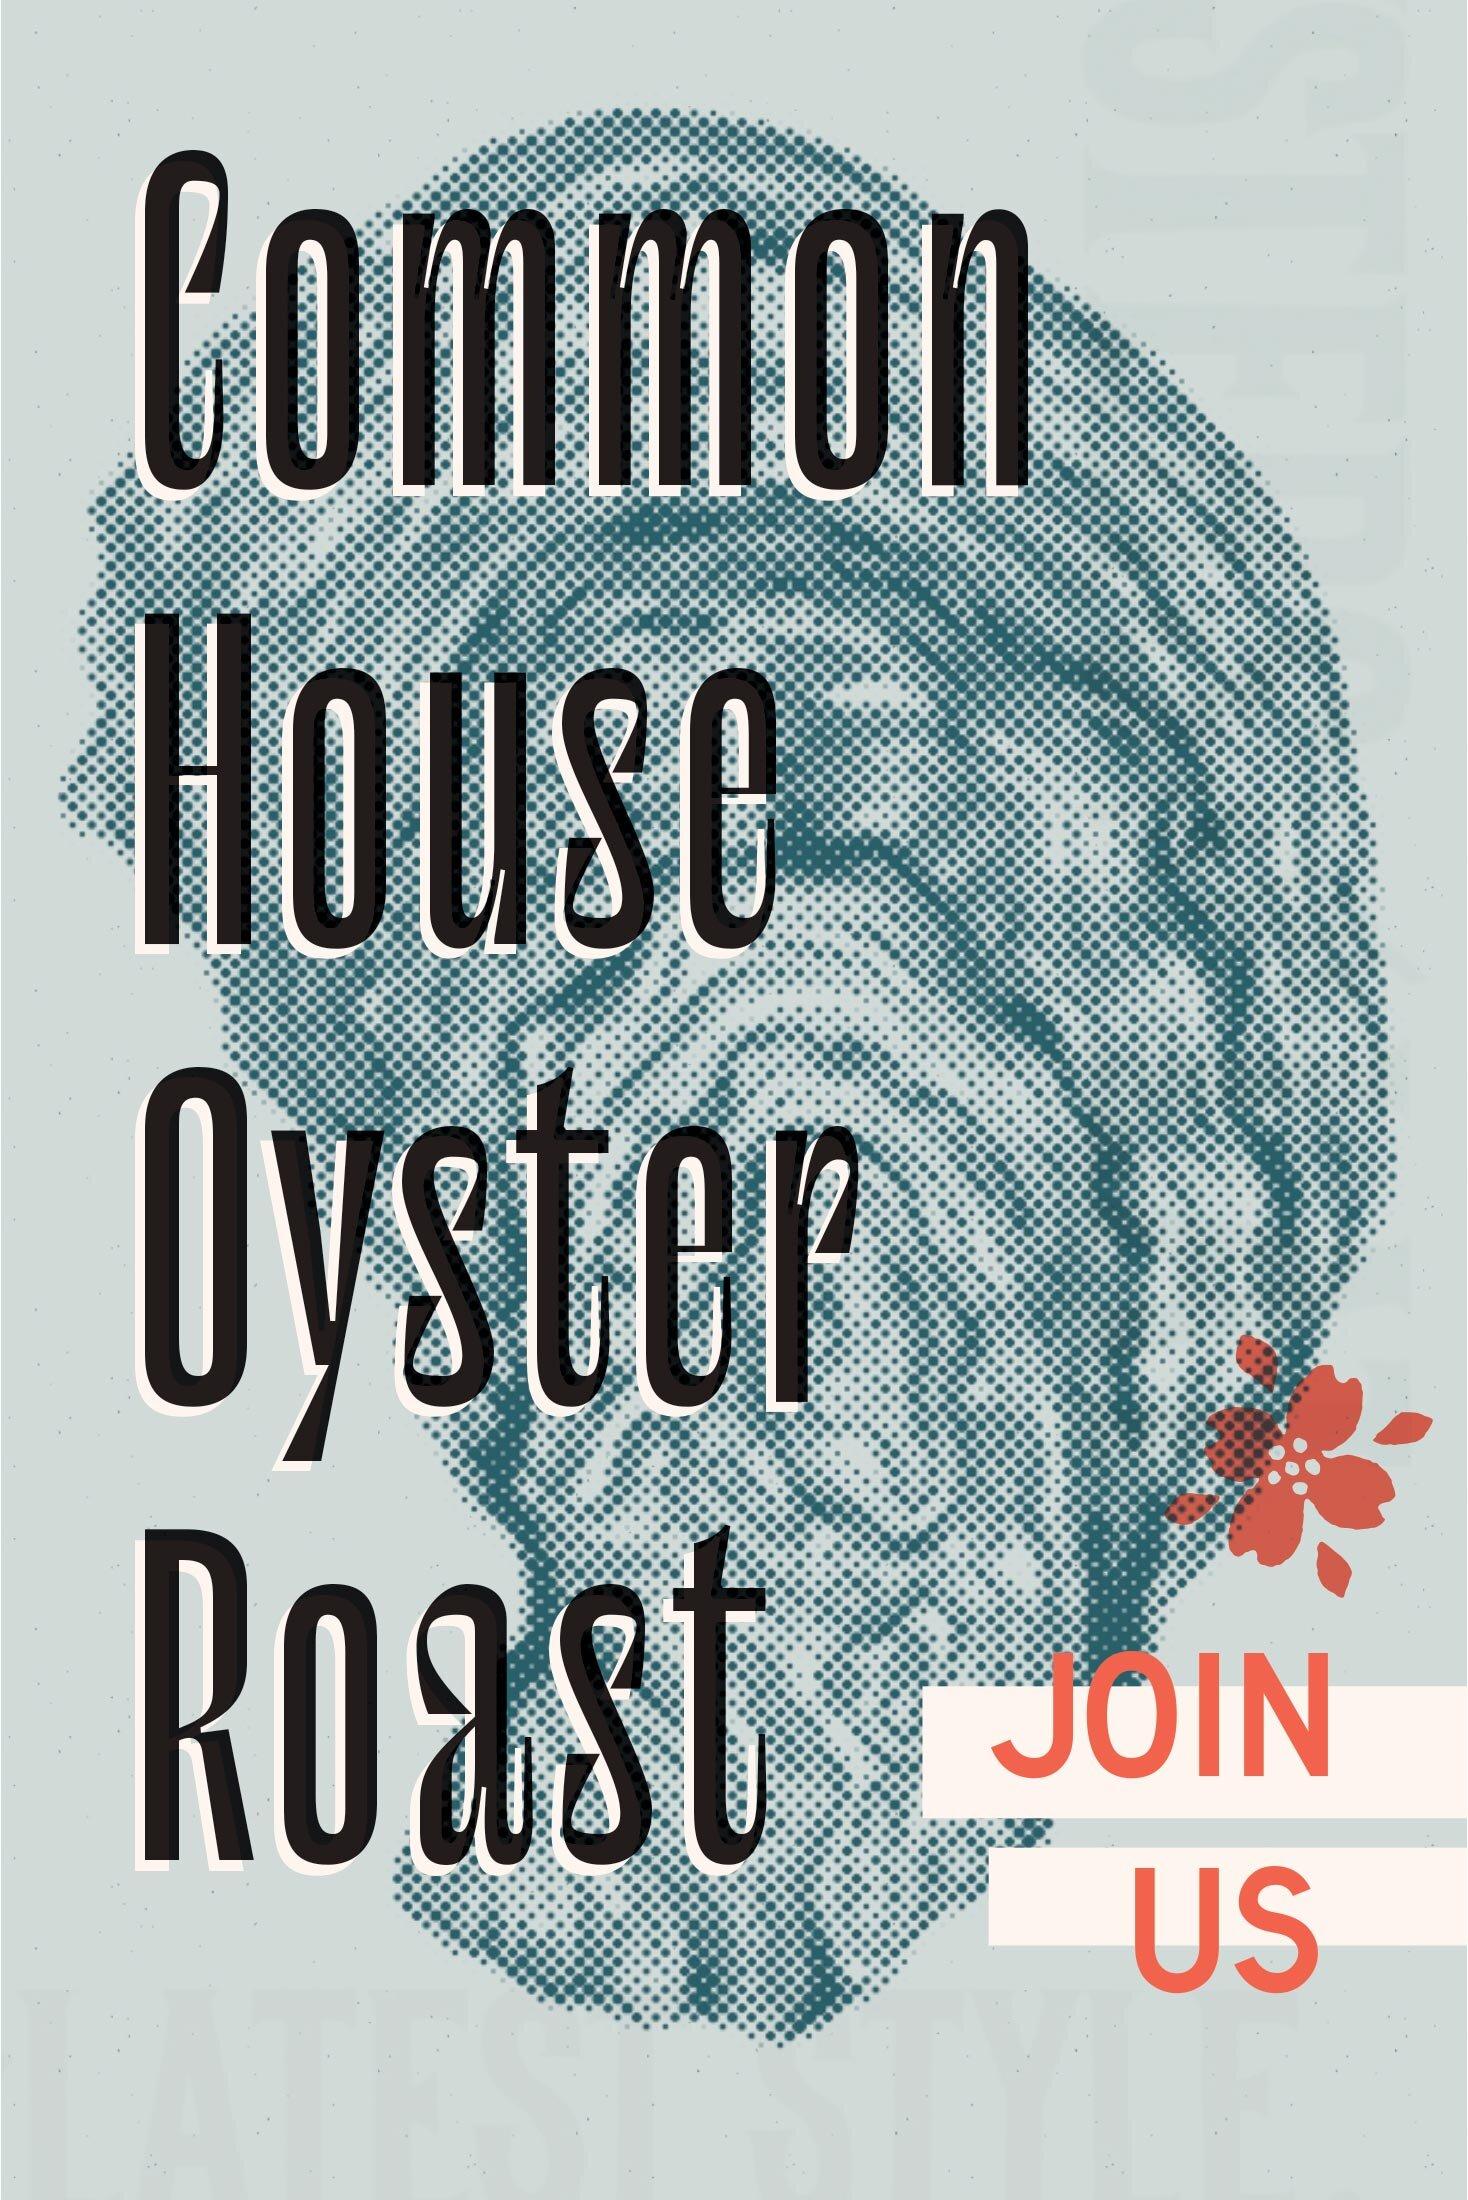 Common-House-Oyster-Roast-Invite-1.jpg